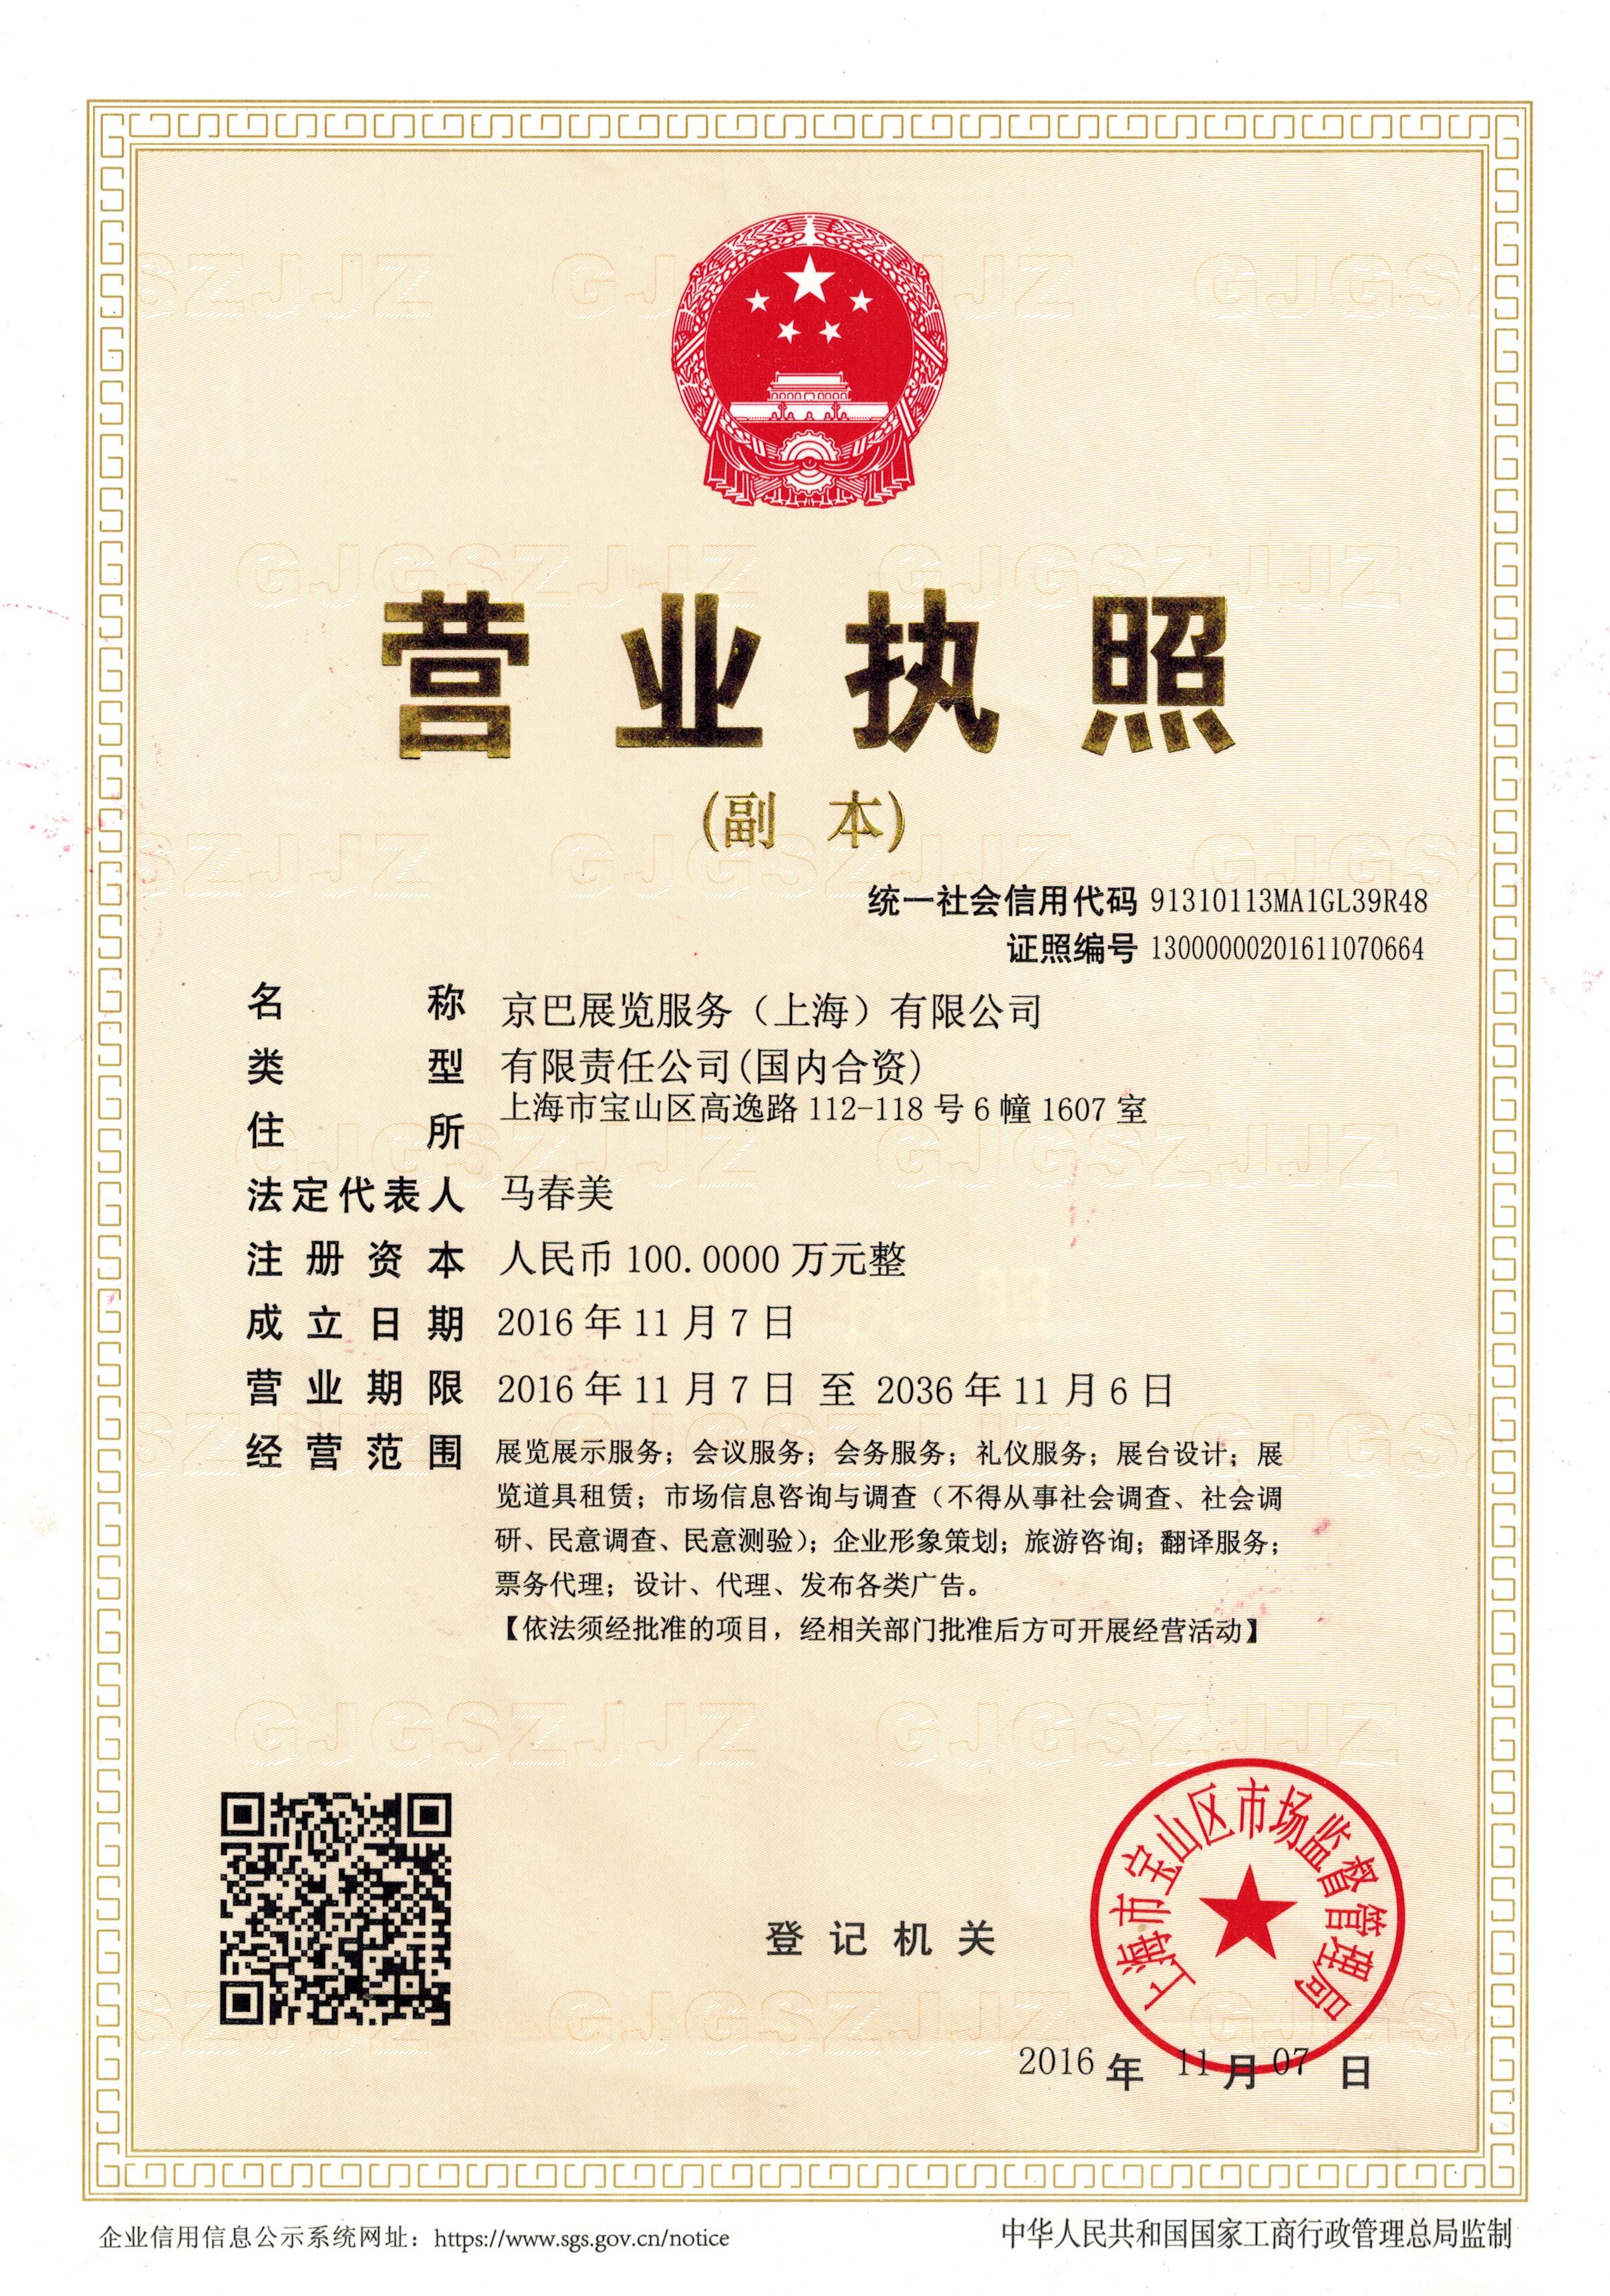 京巴展览服务(上海)有限公司形象图